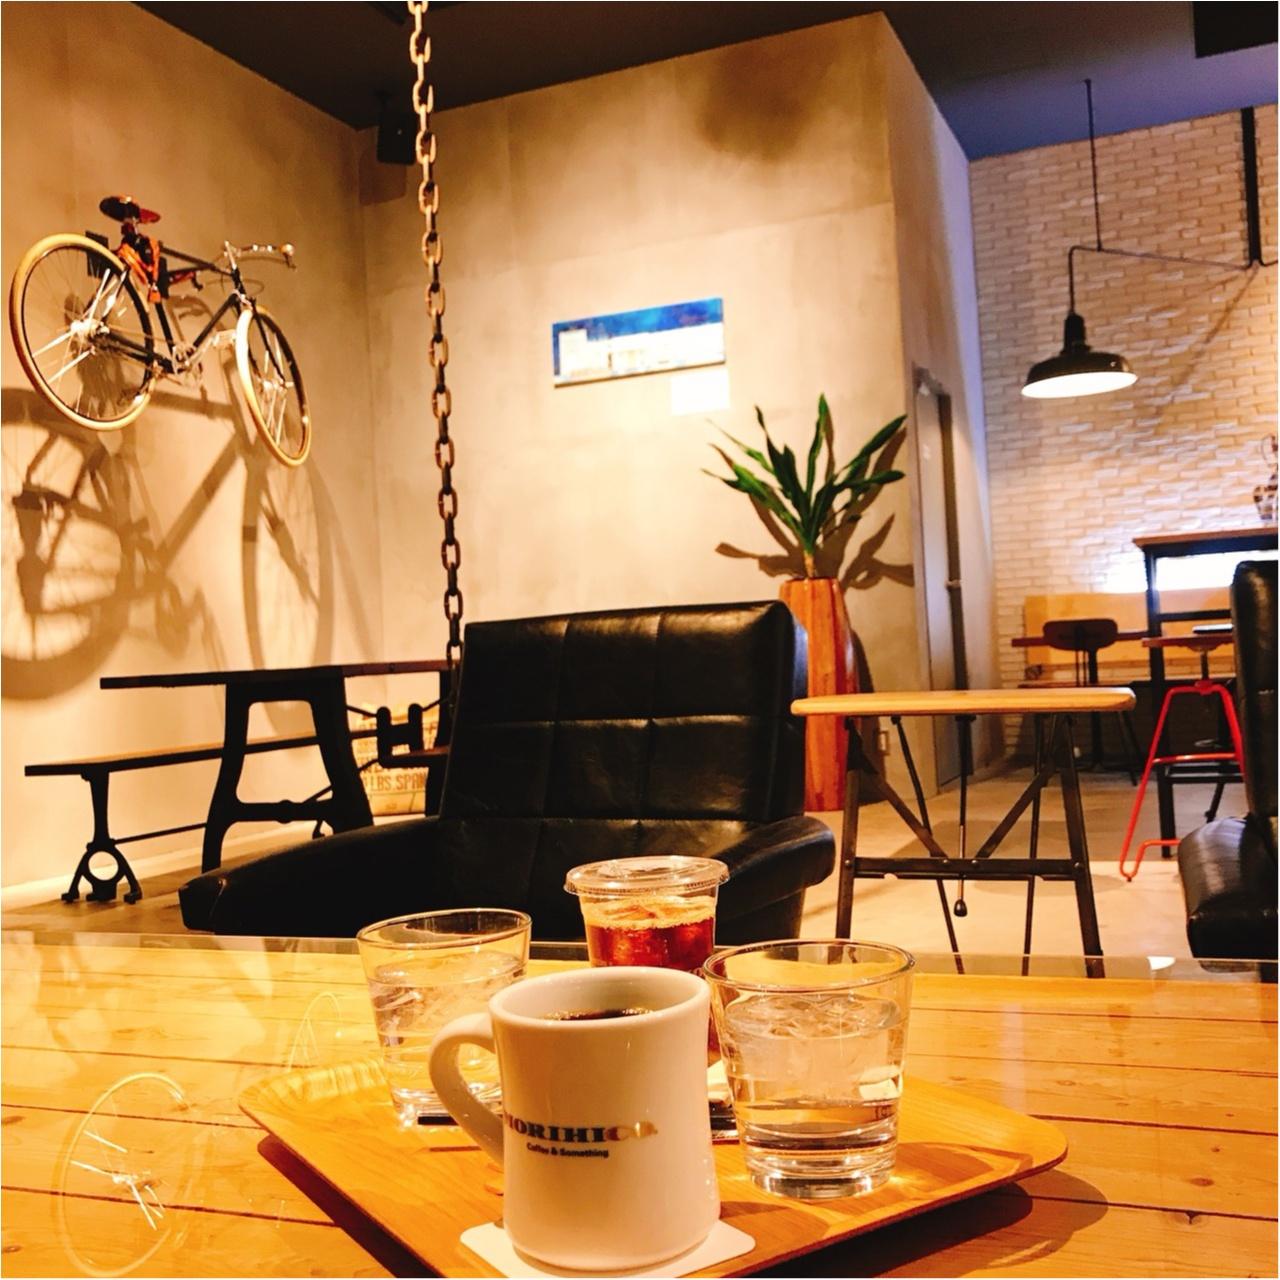 北海道女子旅特集 - インスタ映えスポットやカフェ、ご当地グルメなどおすすめ観光地まとめ_55